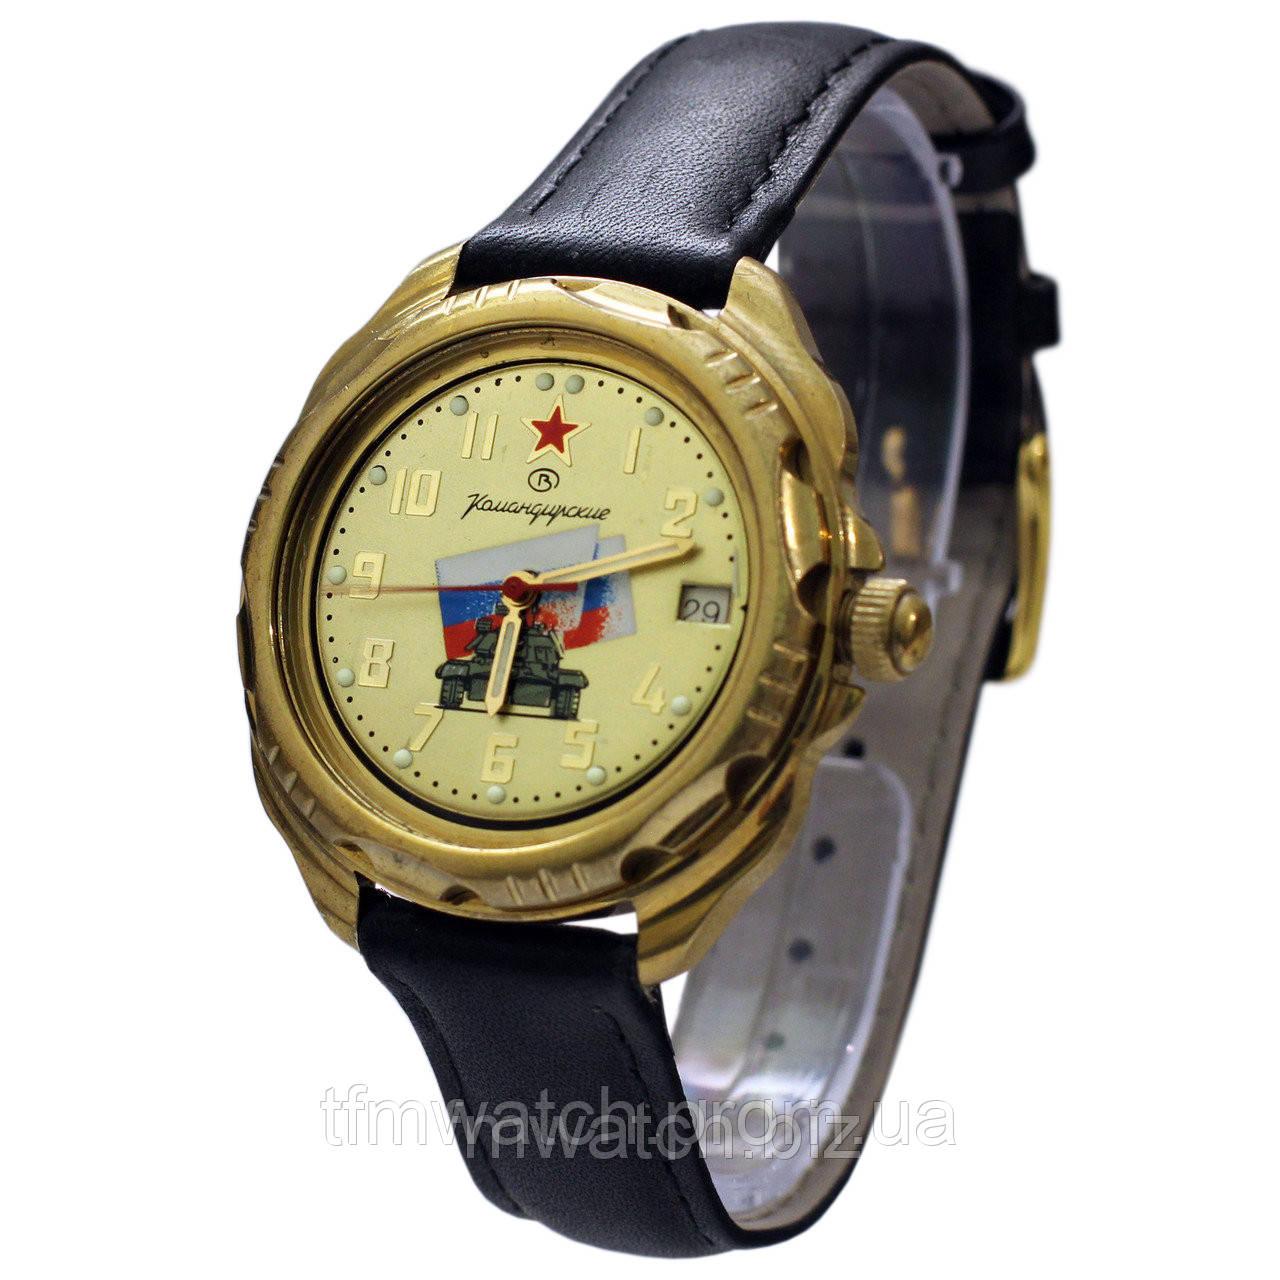 Командирские часы стоимость механические 7 продам часы электроника